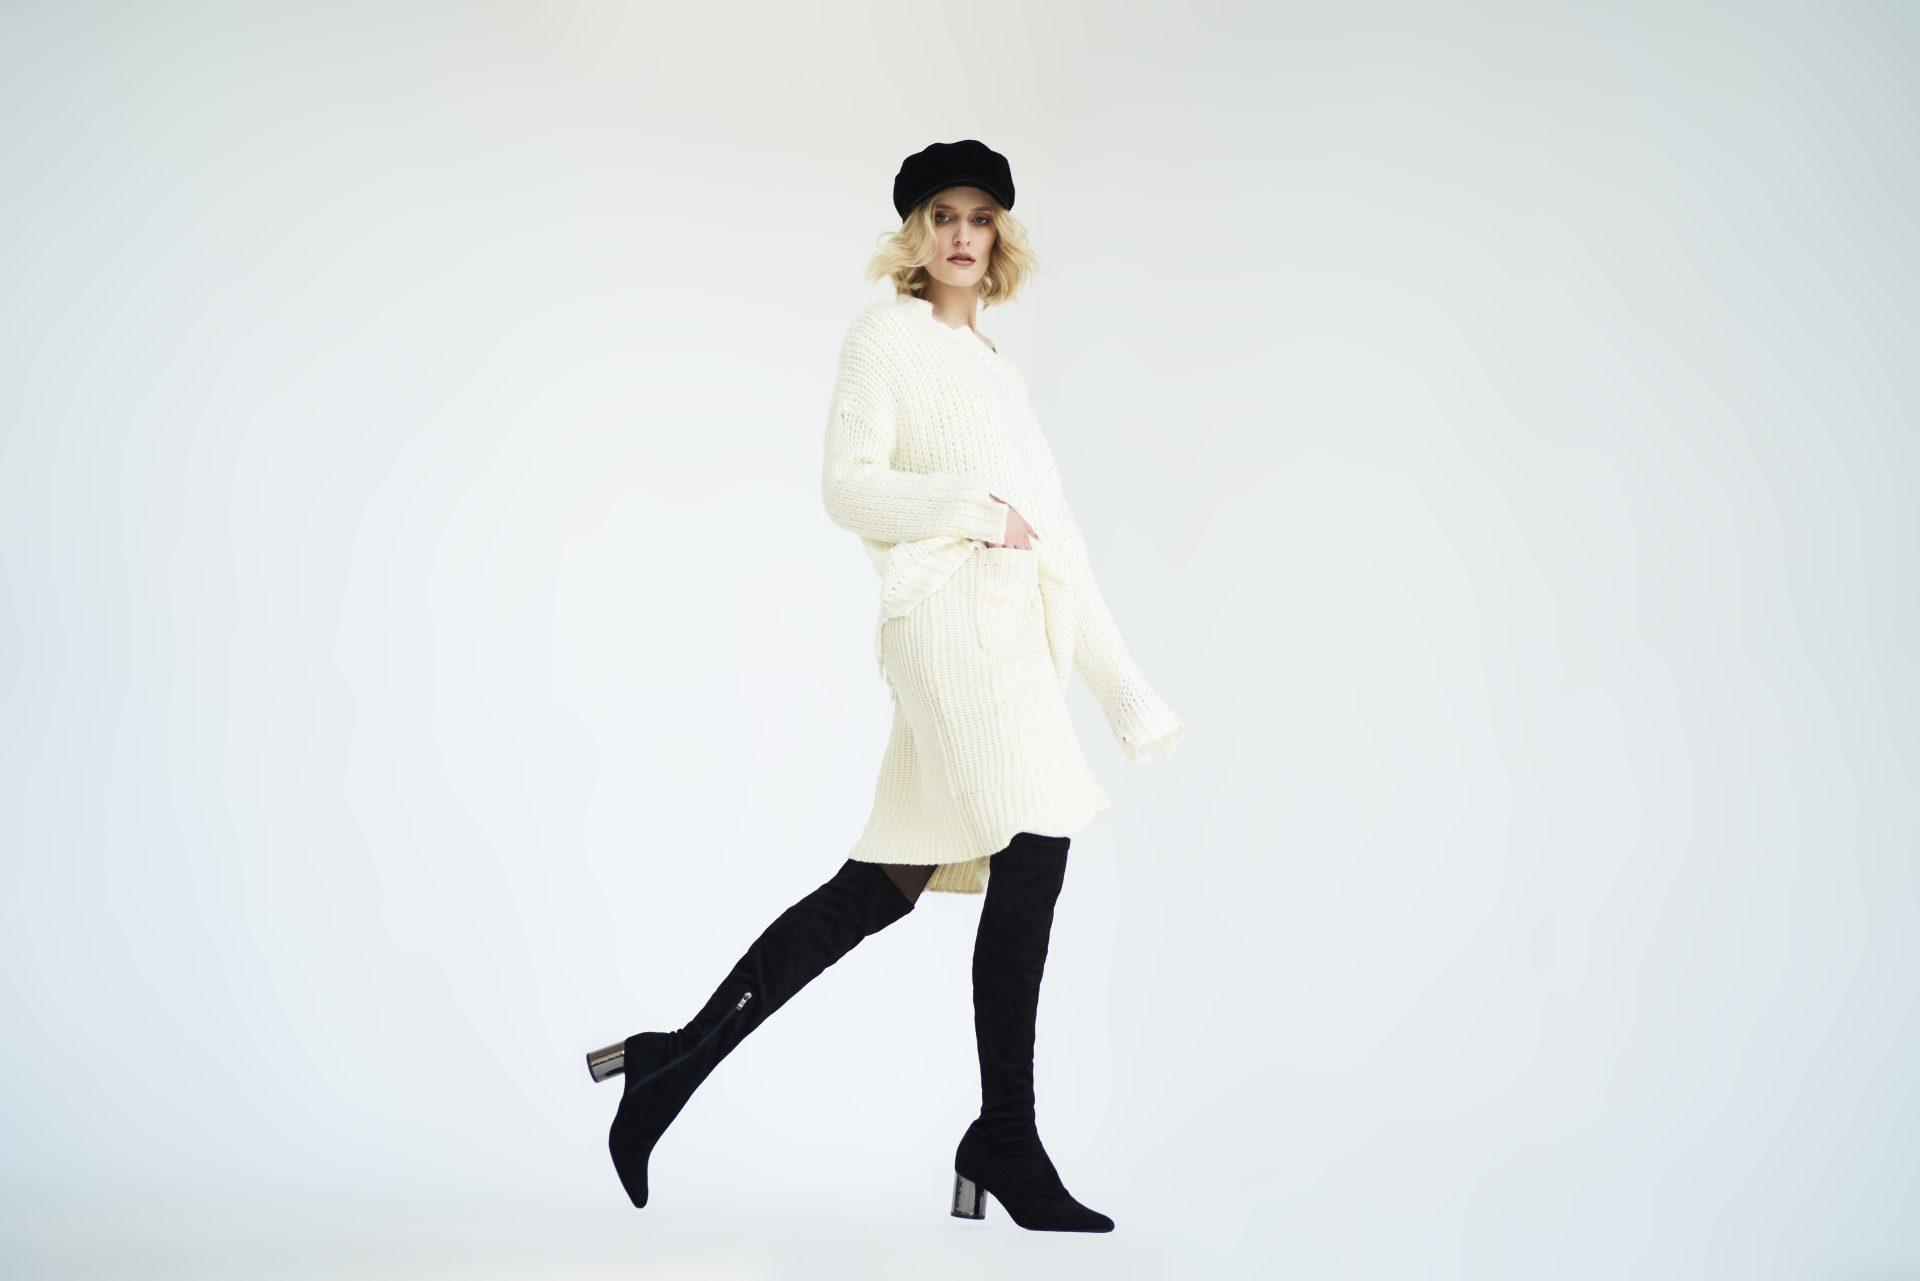 Kaszkiet damski jak nosić